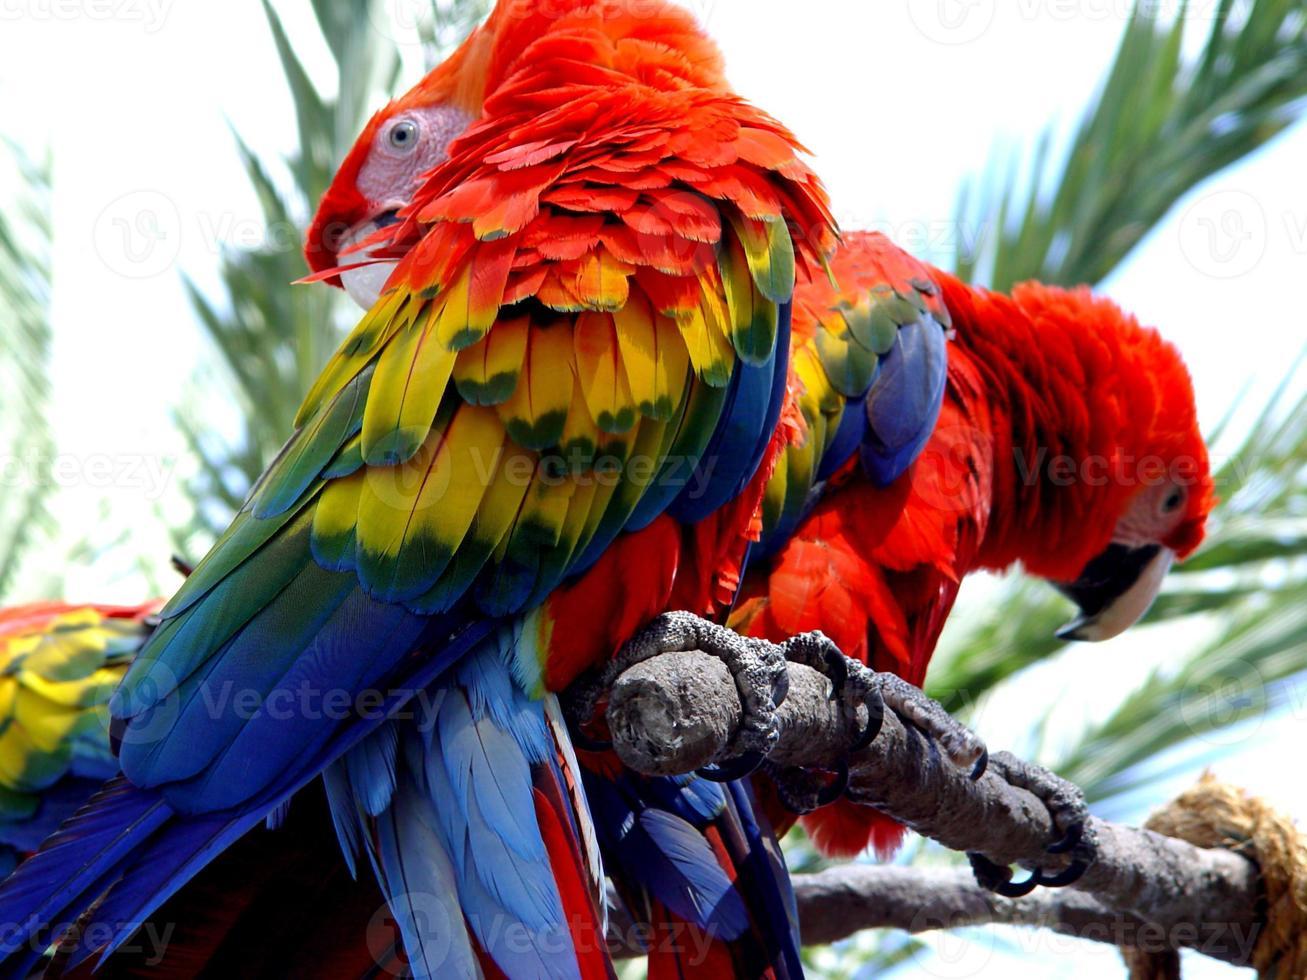 arara vermelha papagaio tropical forida foto